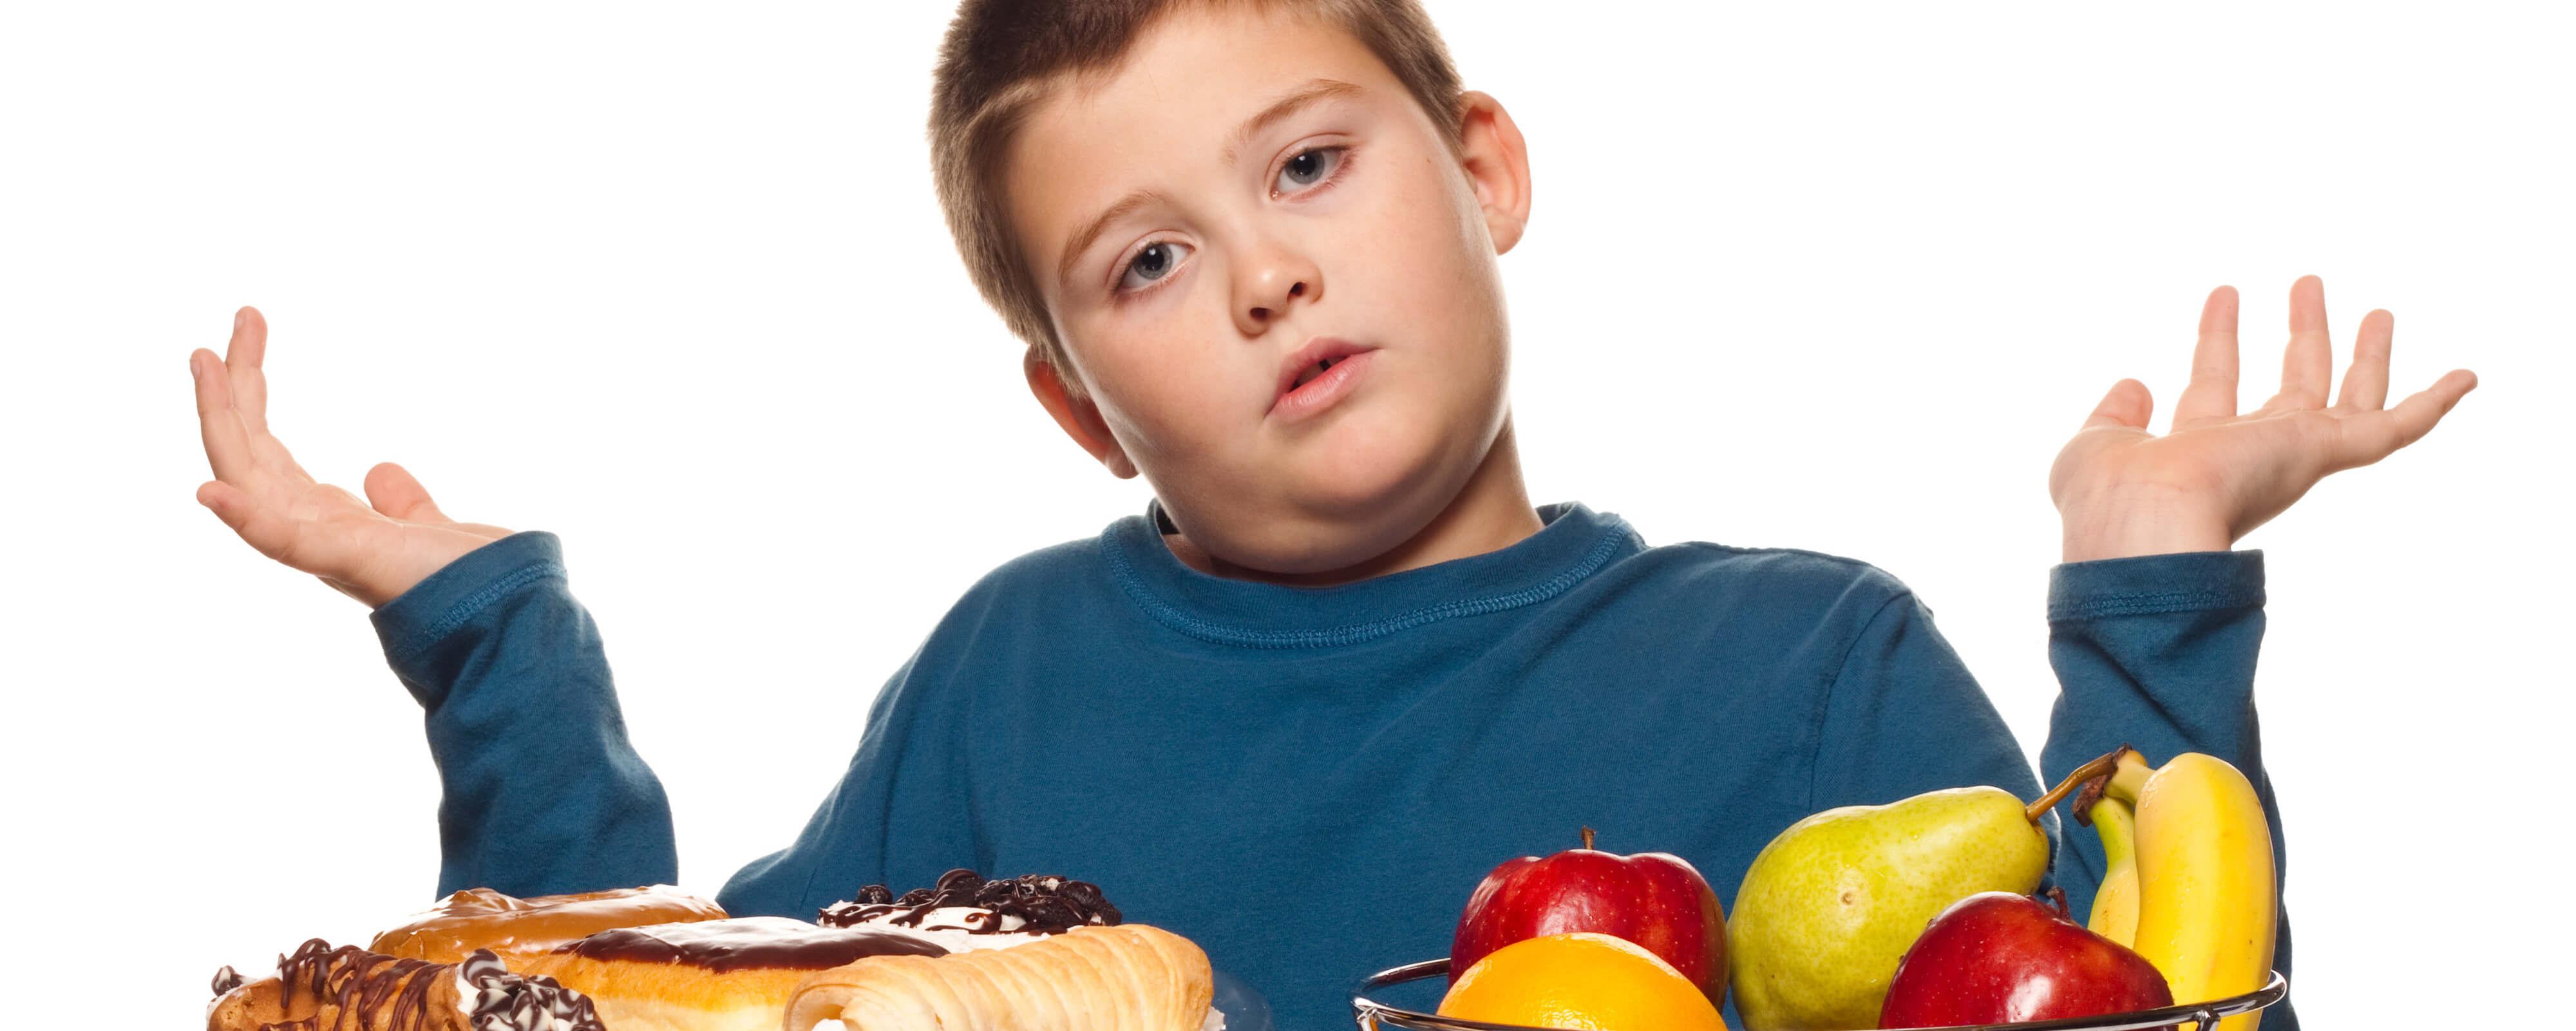 حافظي على صحة طفلك واحميه من السمنة بـ نصائح عملية